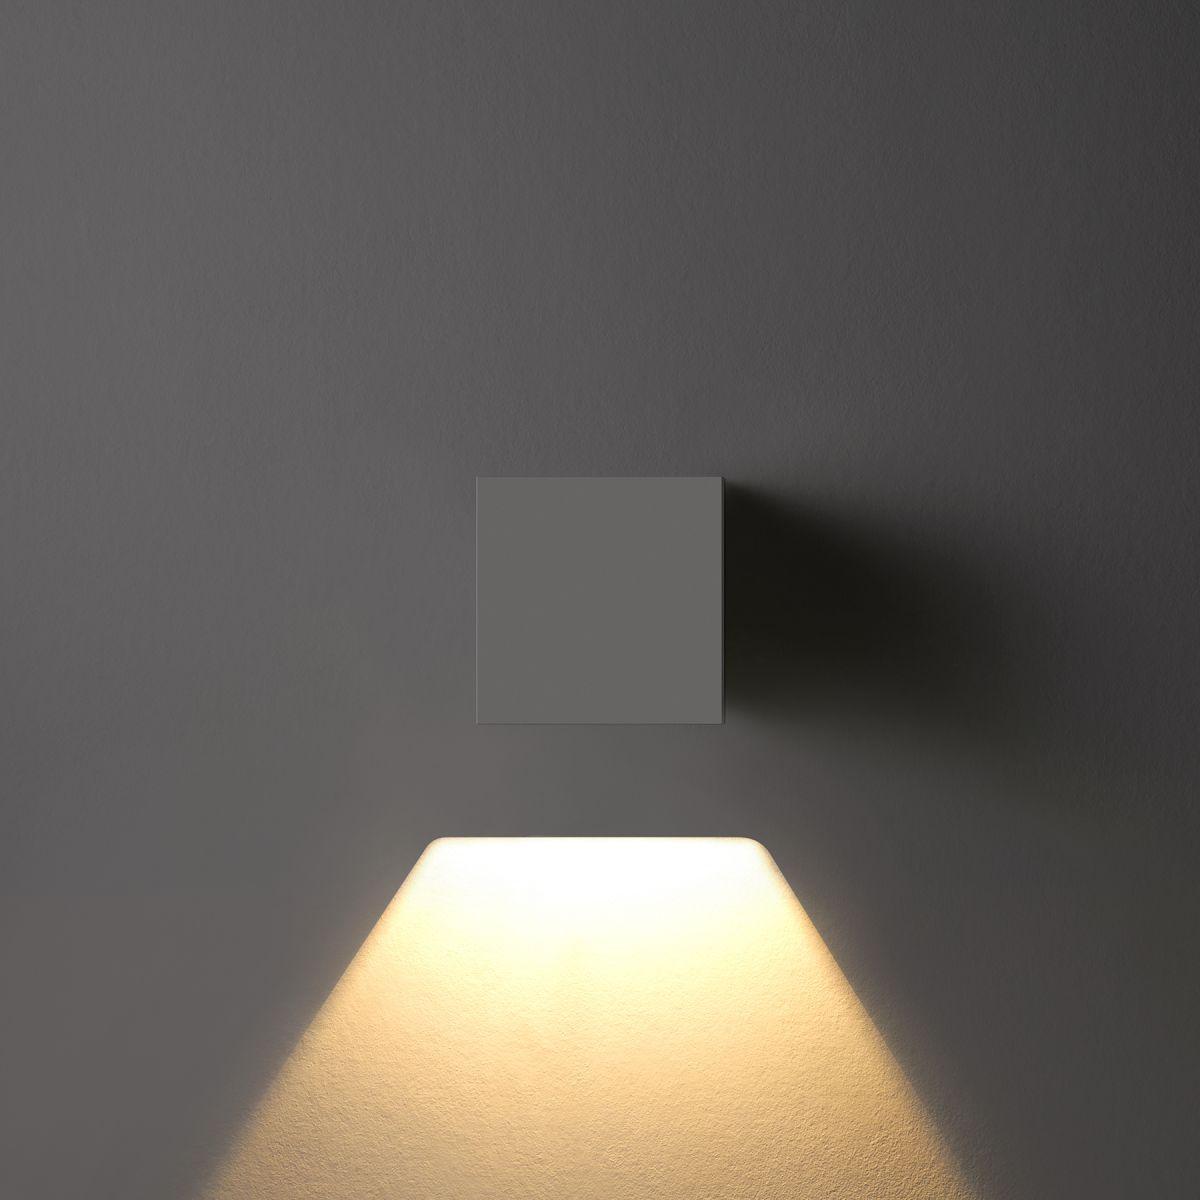 Mini DADOS Square 1 Wall Down Light